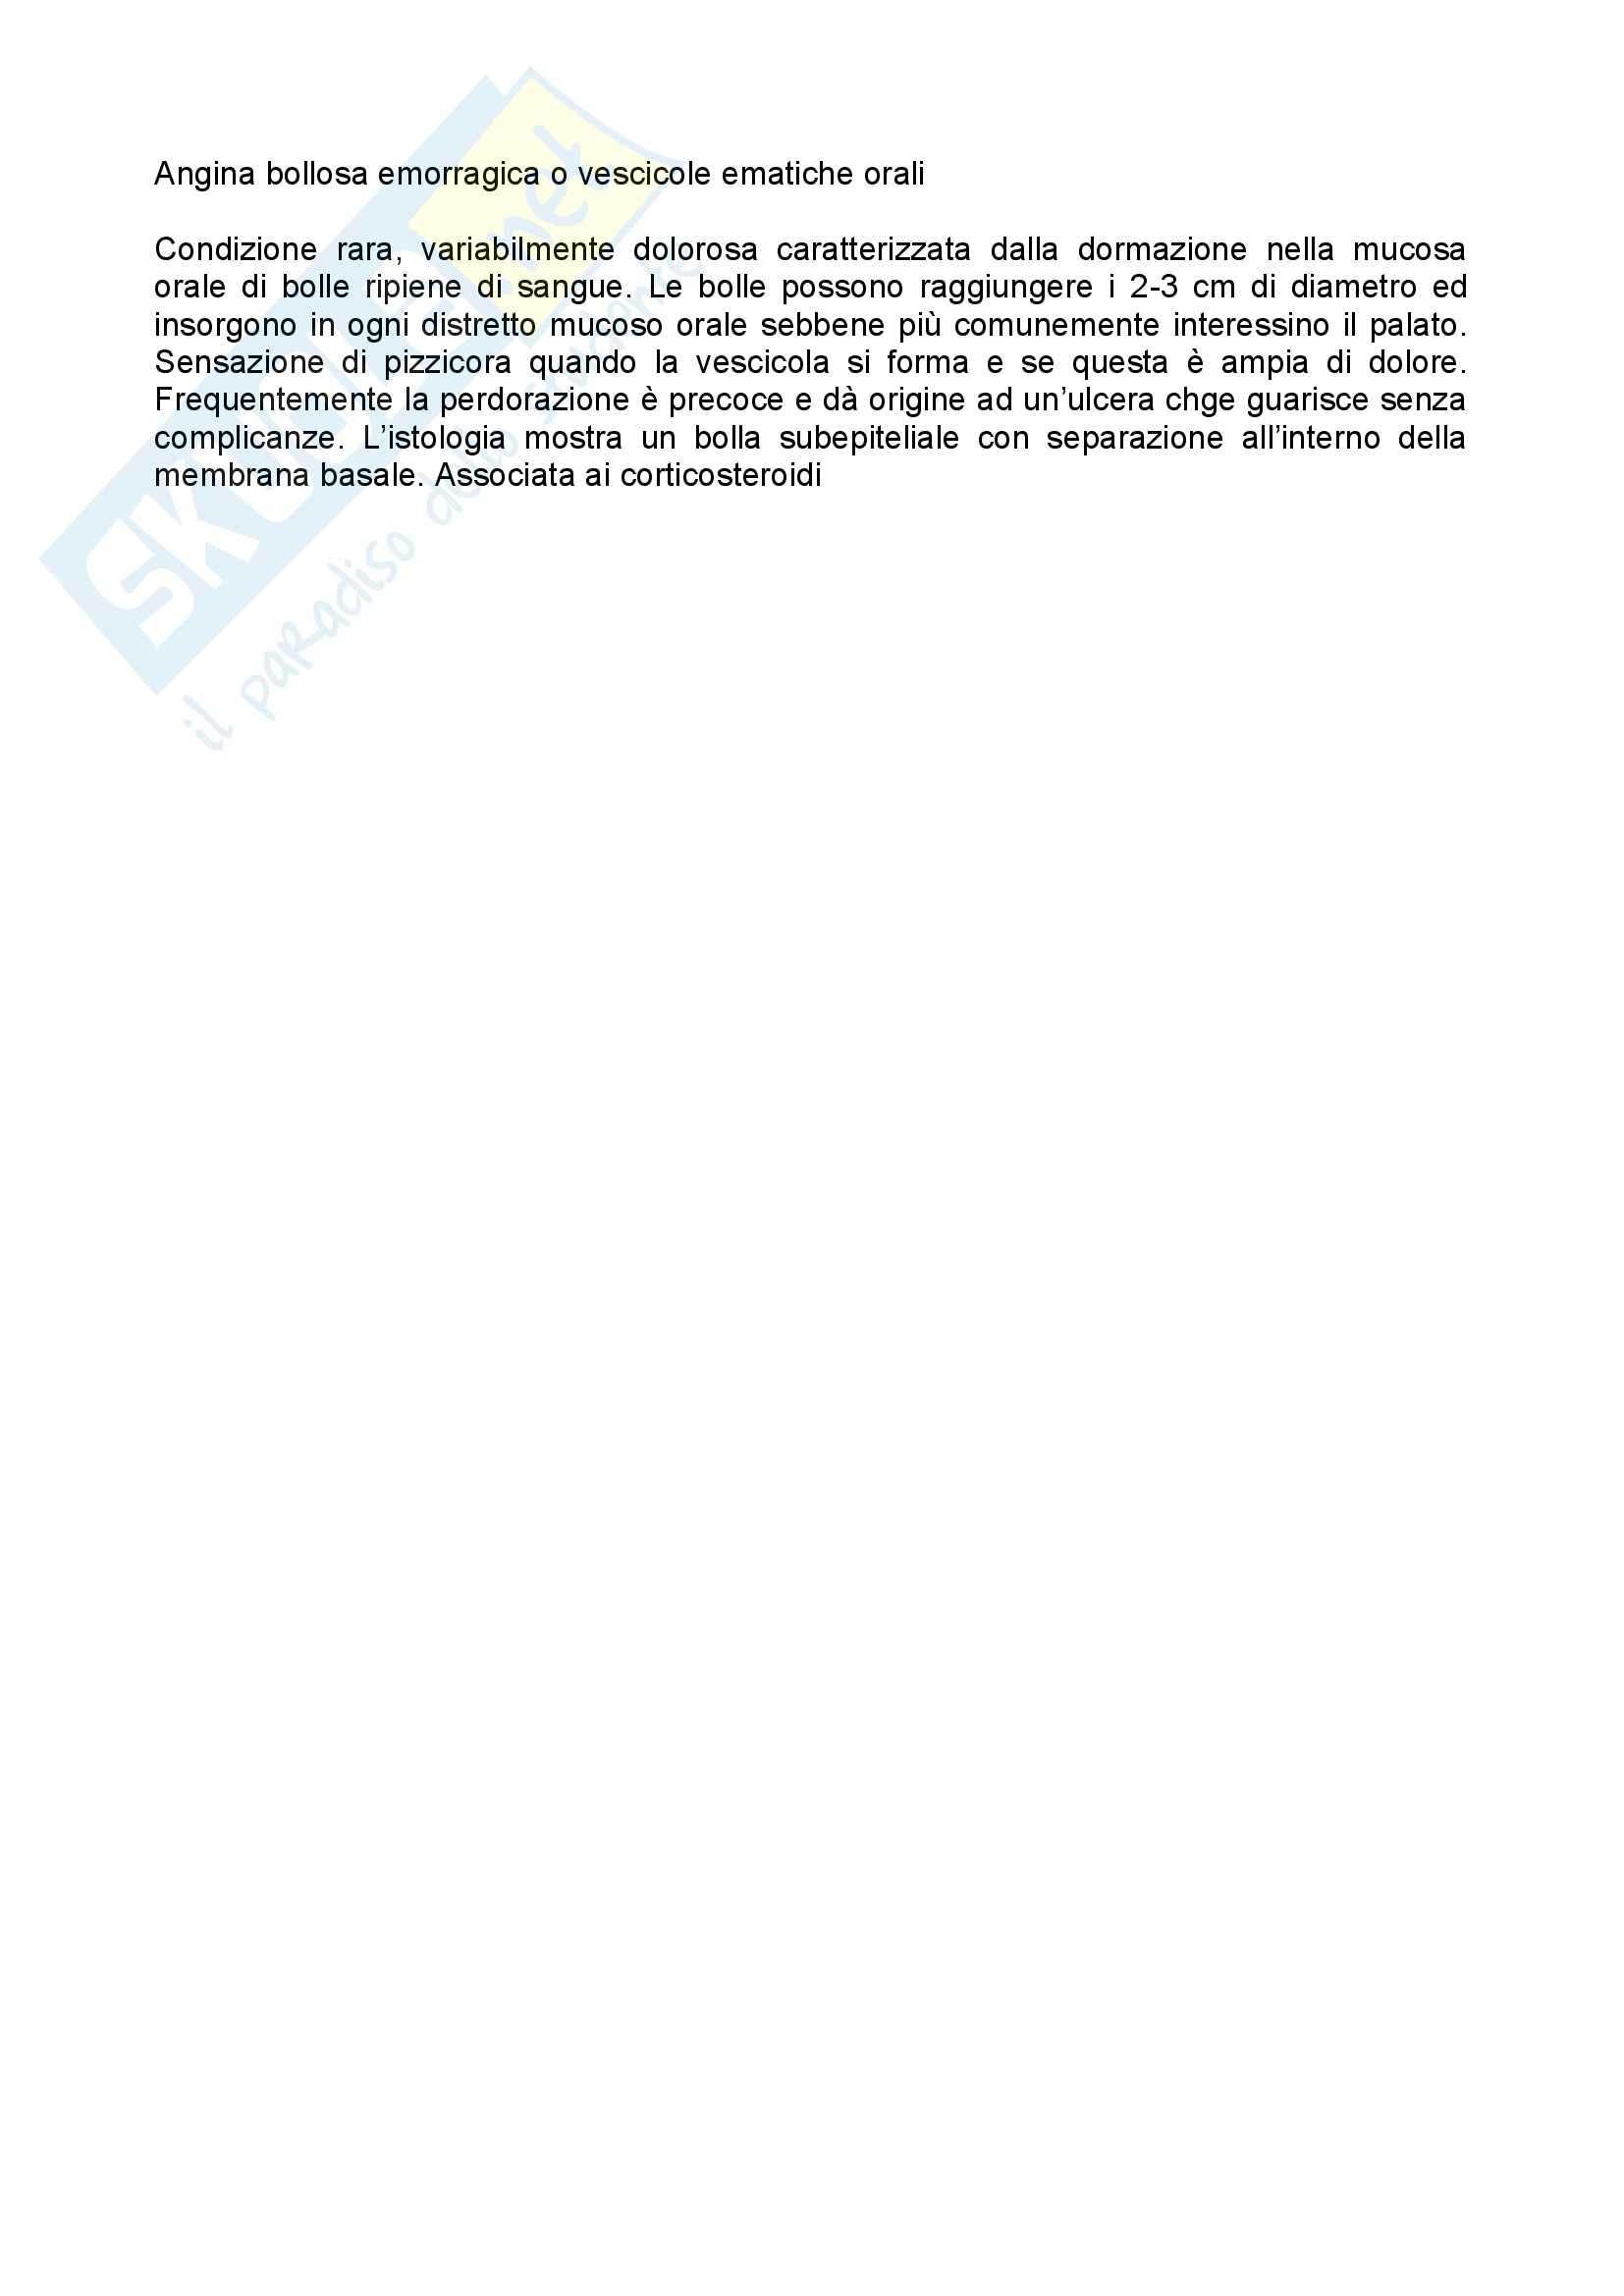 appunto S. Rosini Anatomia patologica